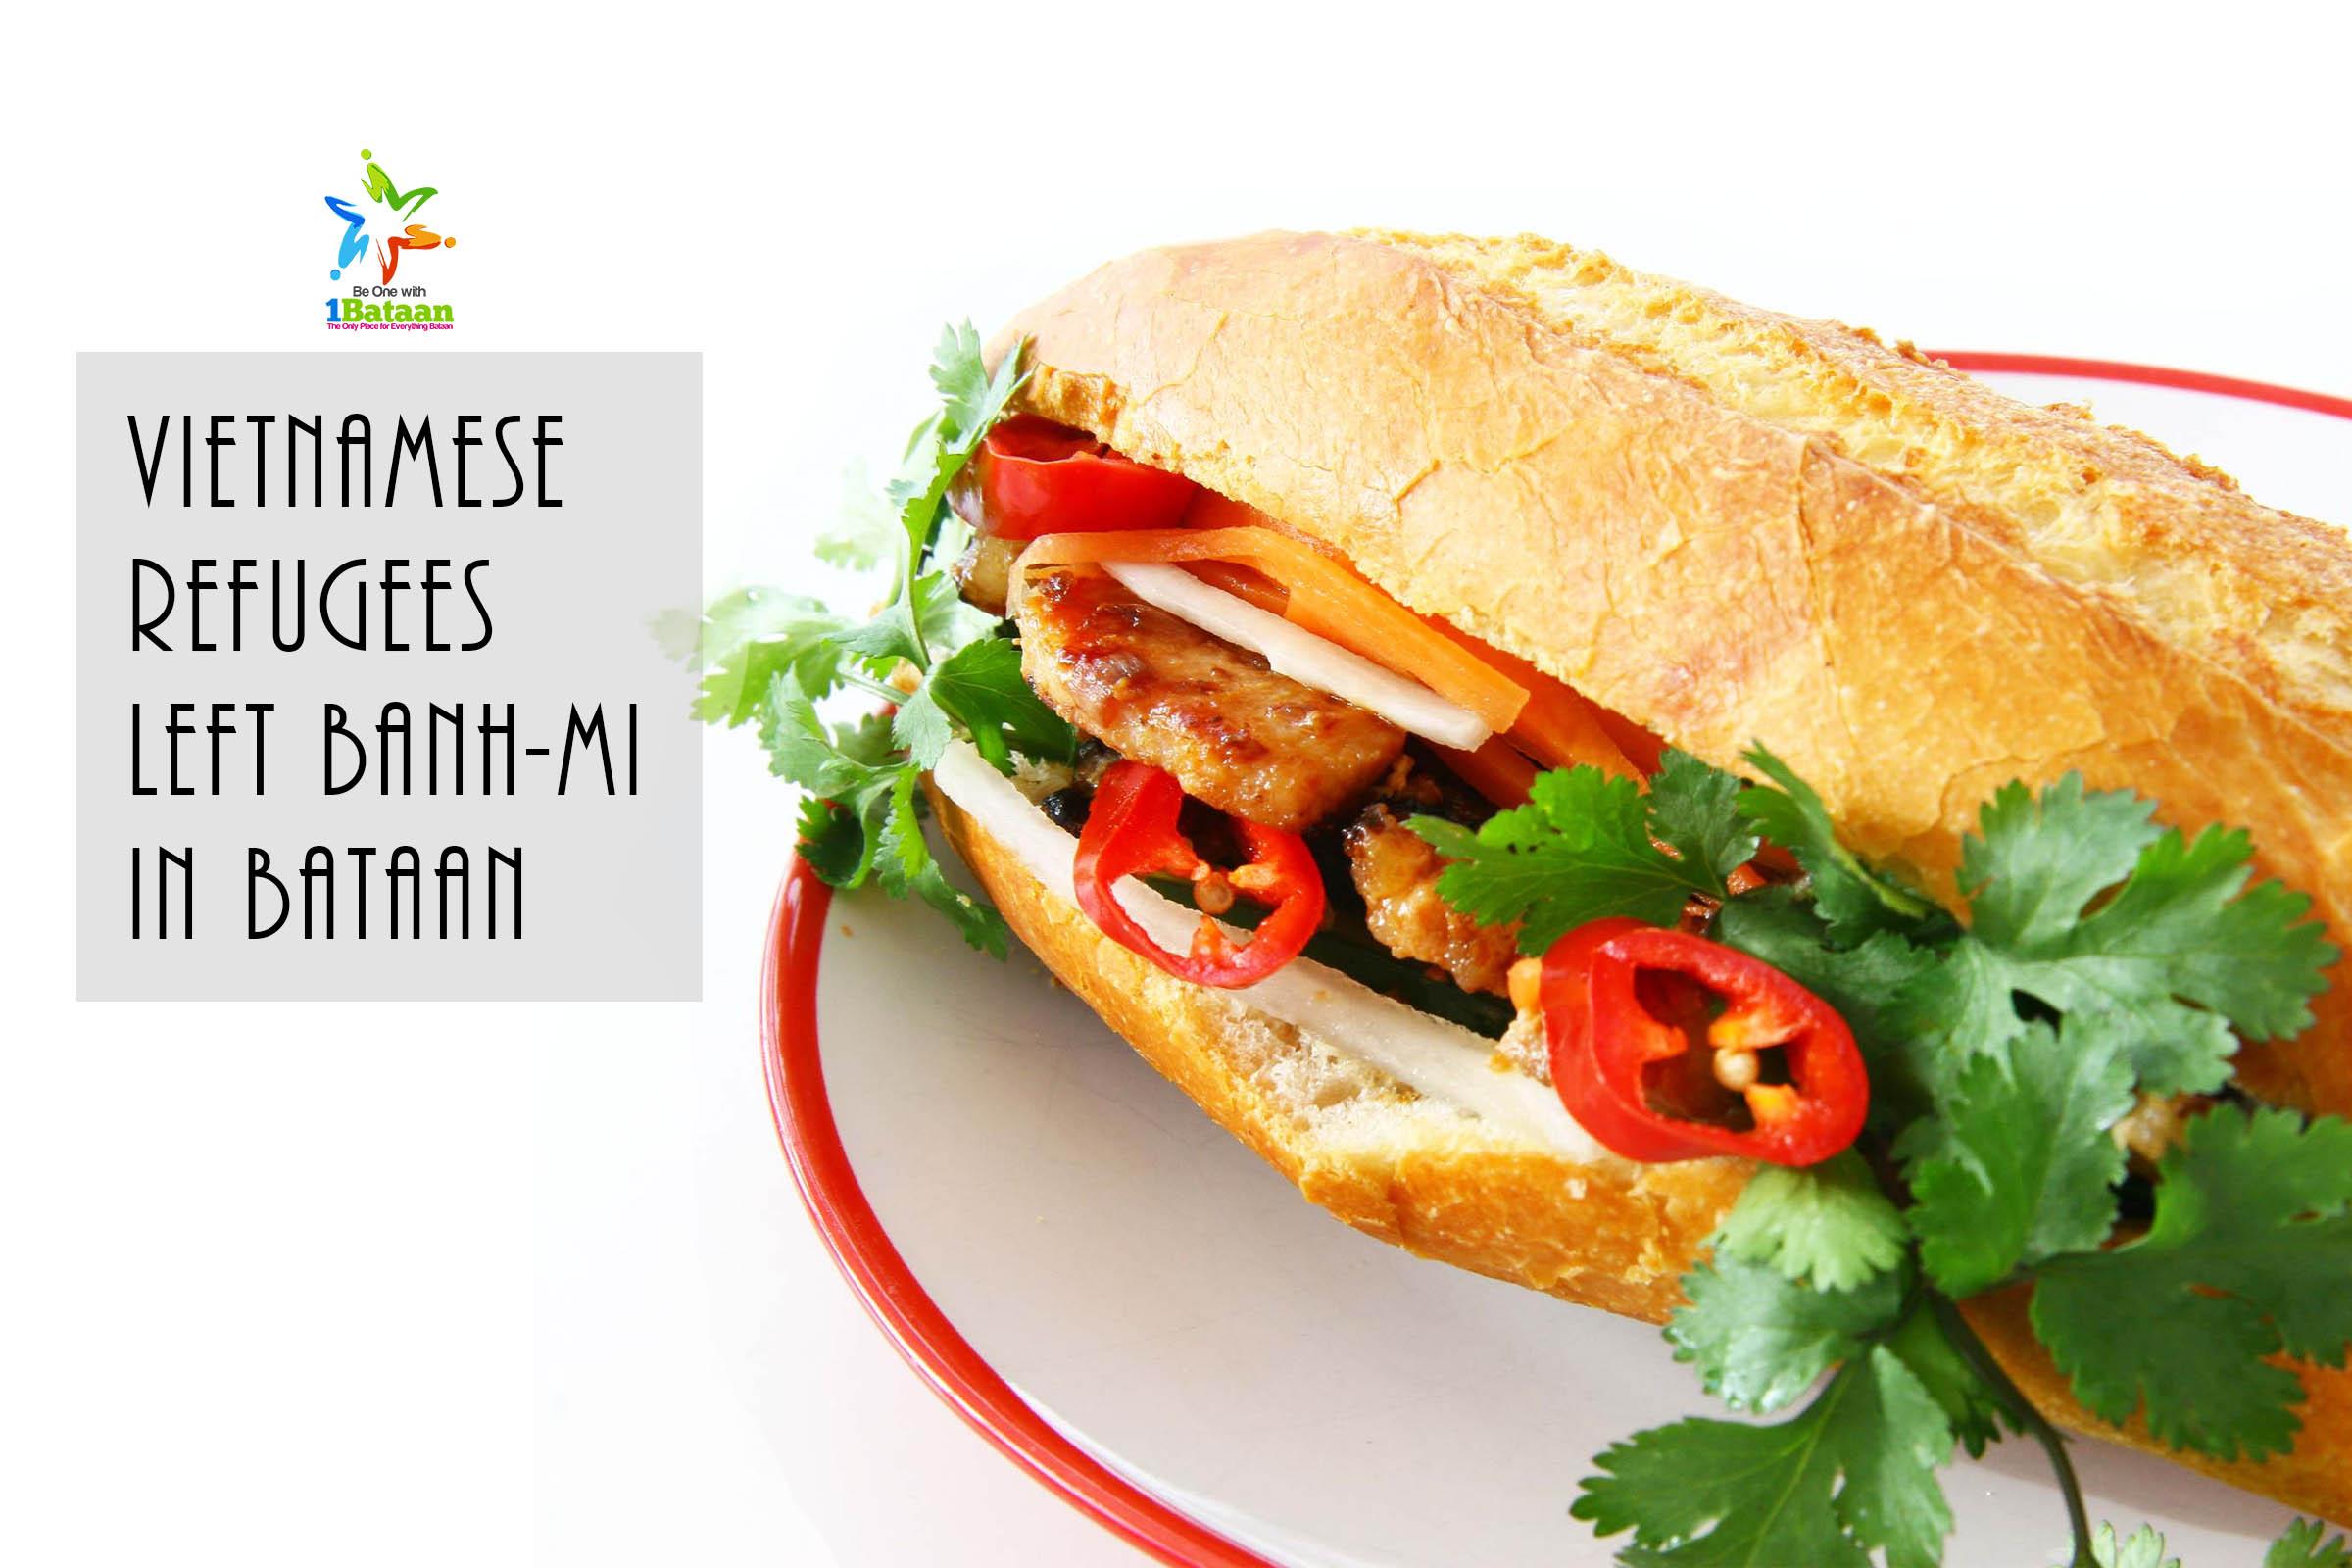 Bánh mì kiểu Việt Nam khiến 200 người Philippines ngộ độc